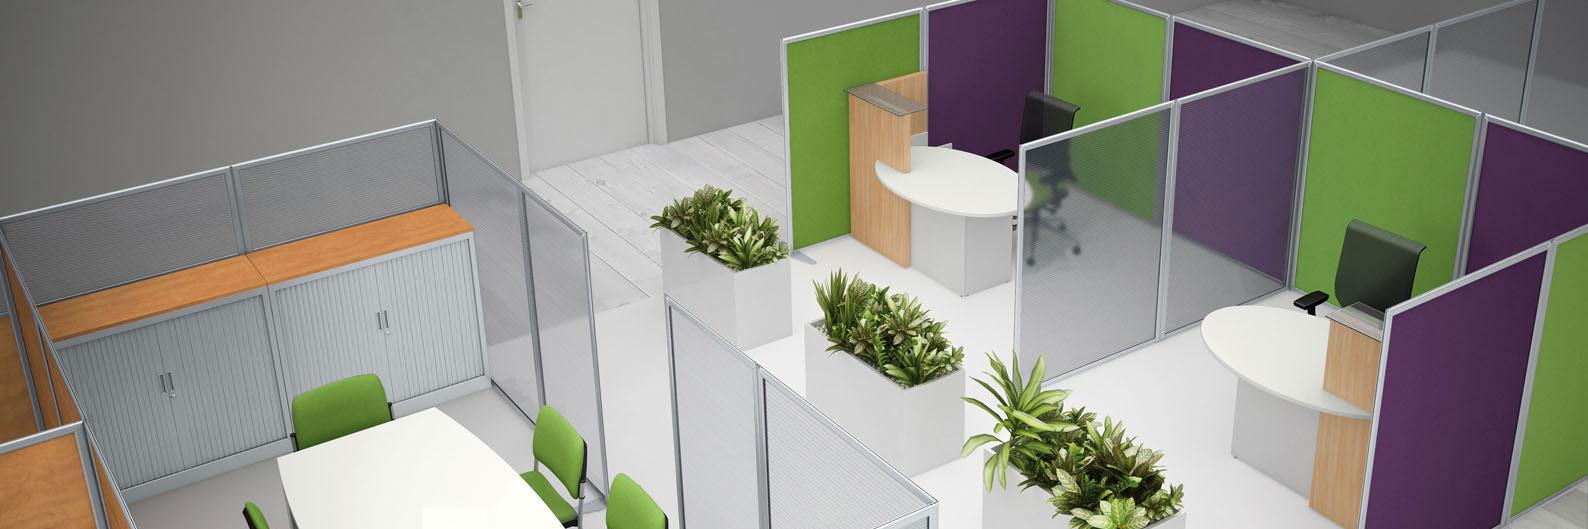 Création d'un bureau en openspace, les questions à se poser